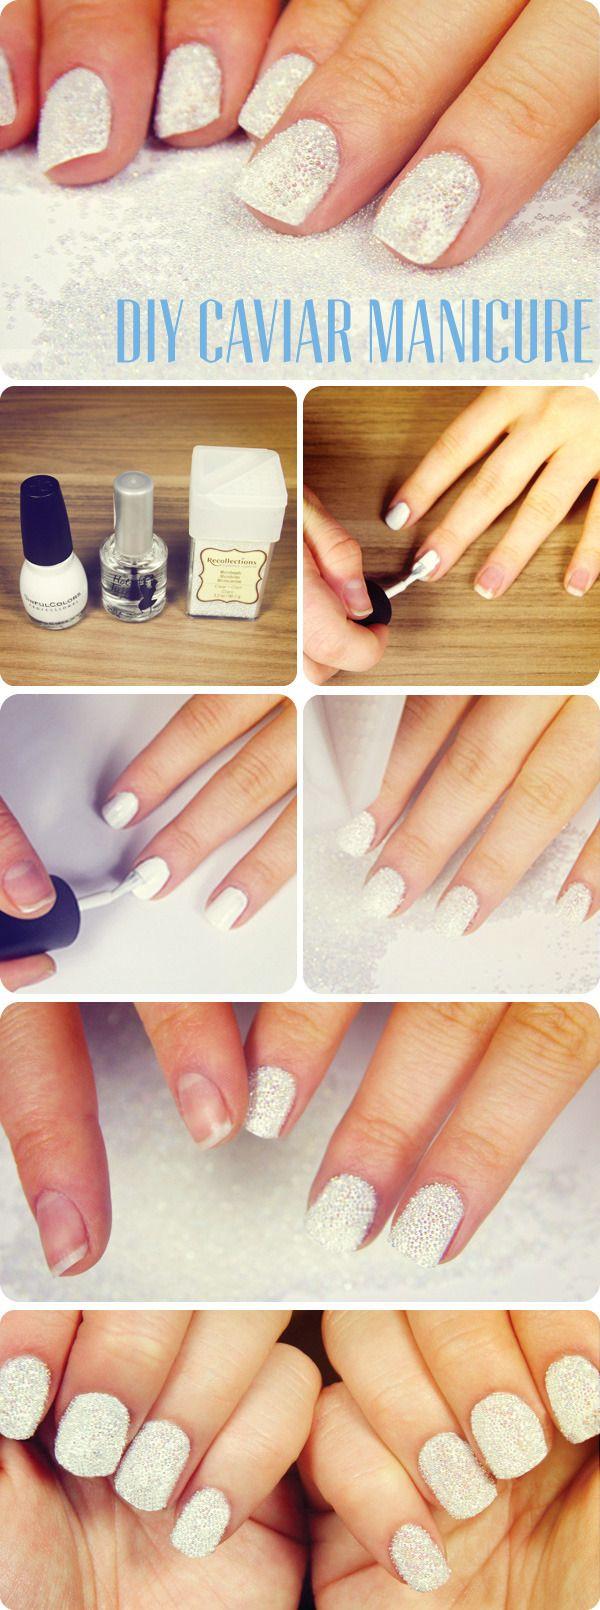 DIY Caviar Manicure | Beautylish